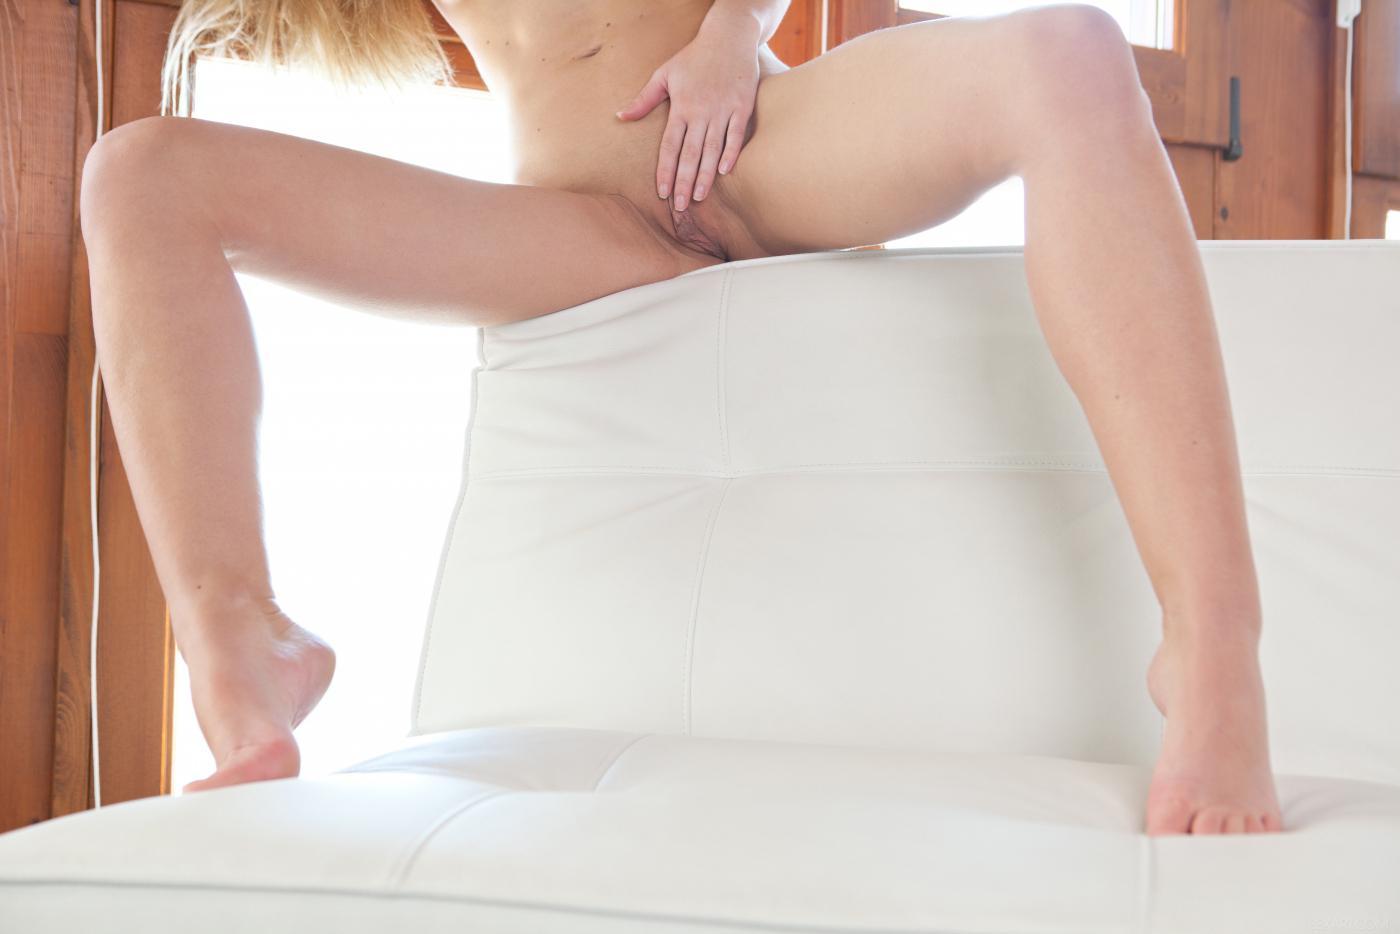 Блондинка Samantha Vasili  показывает тело и играет с бритой киской